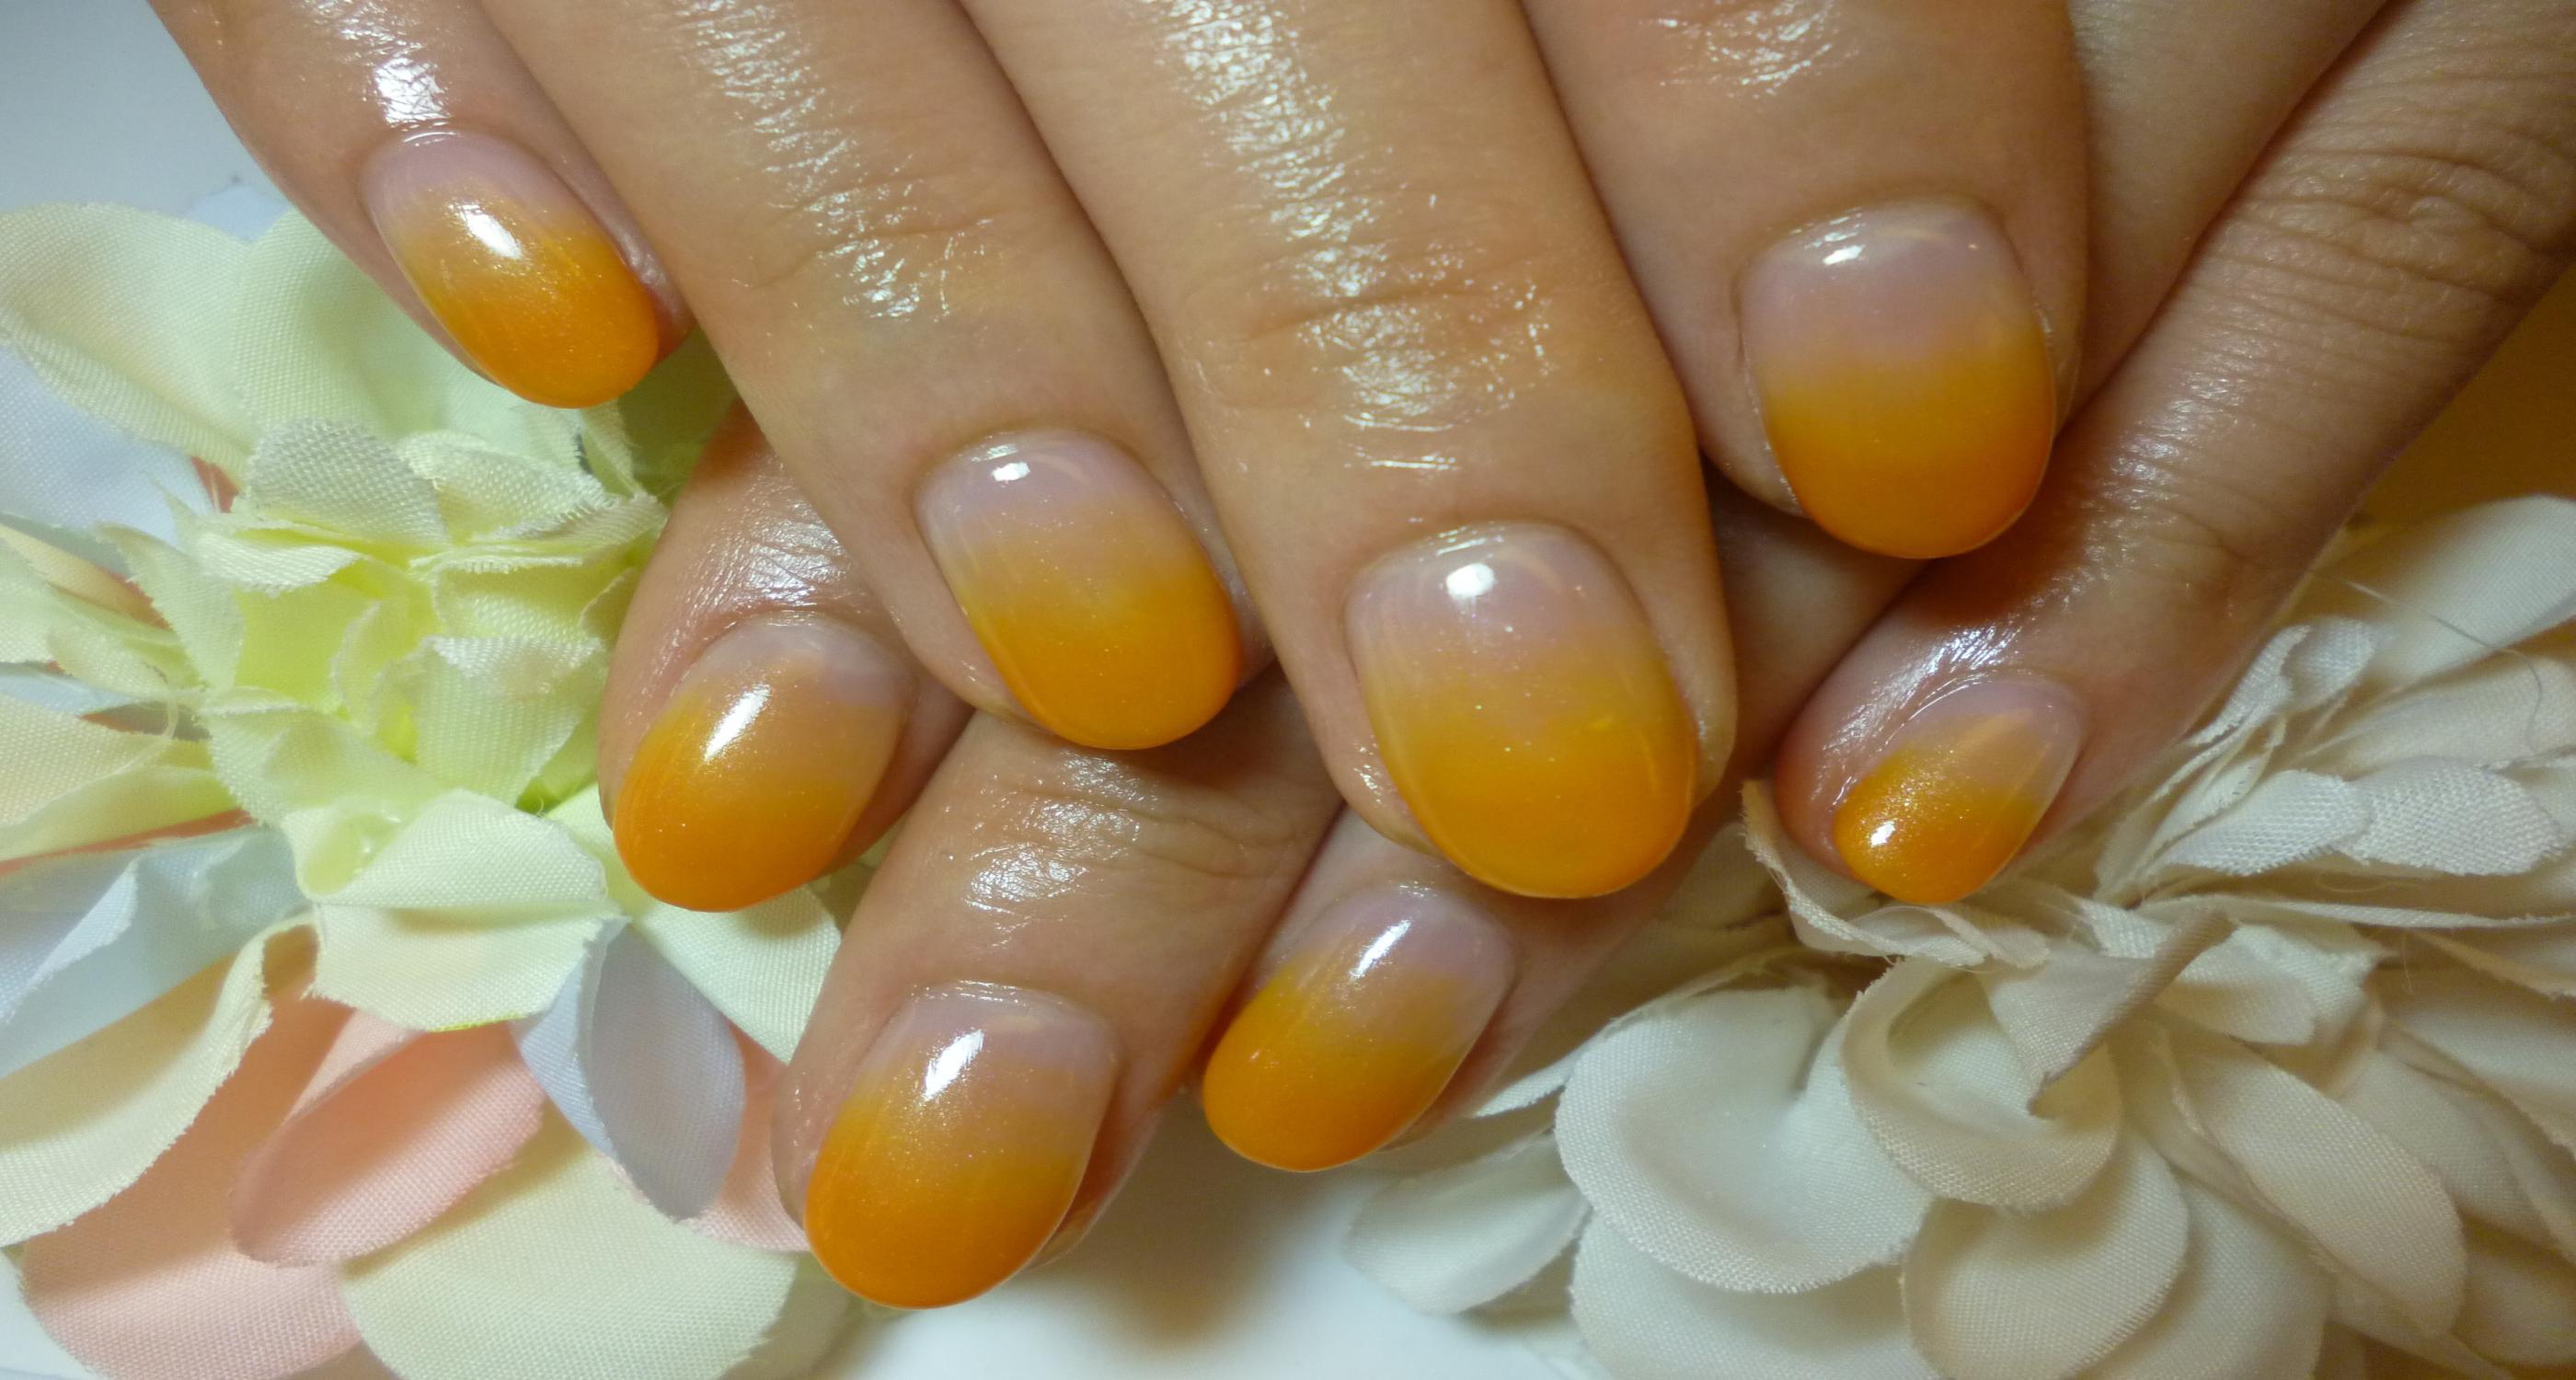 2013ネイルデザイン 鮮やかオレンジのカラーグラデーションネイル